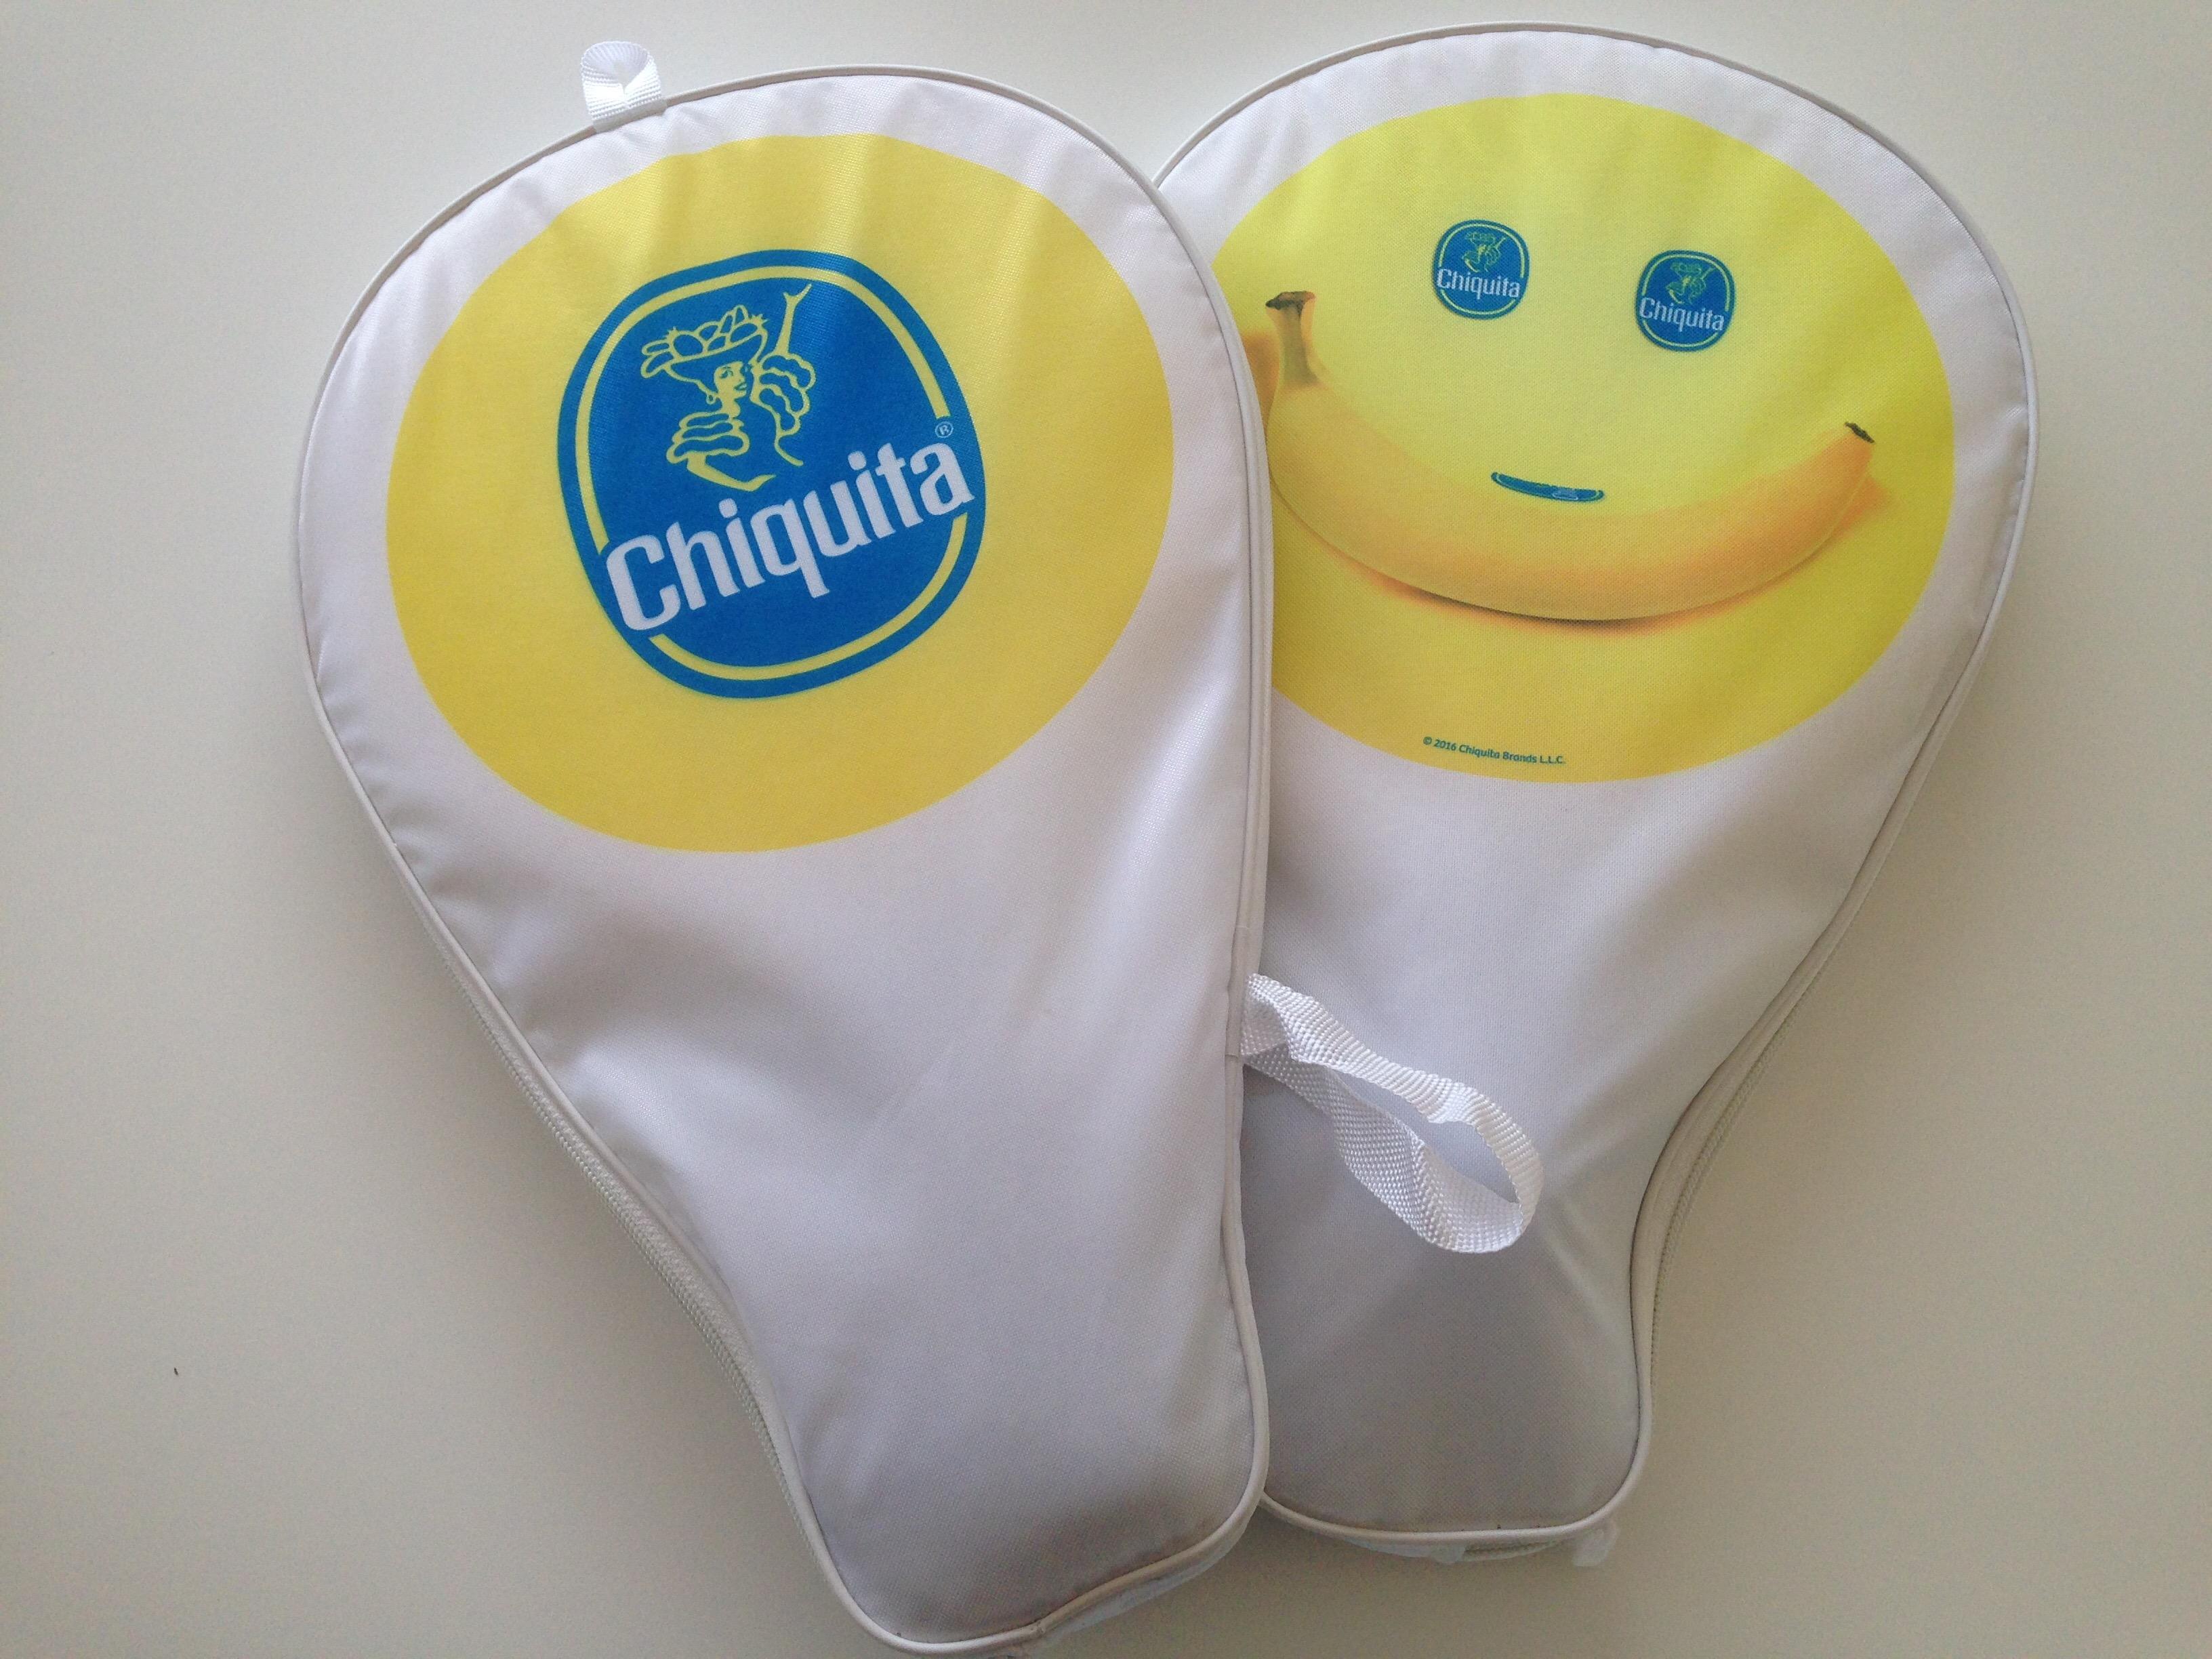 Gratis_chiquita